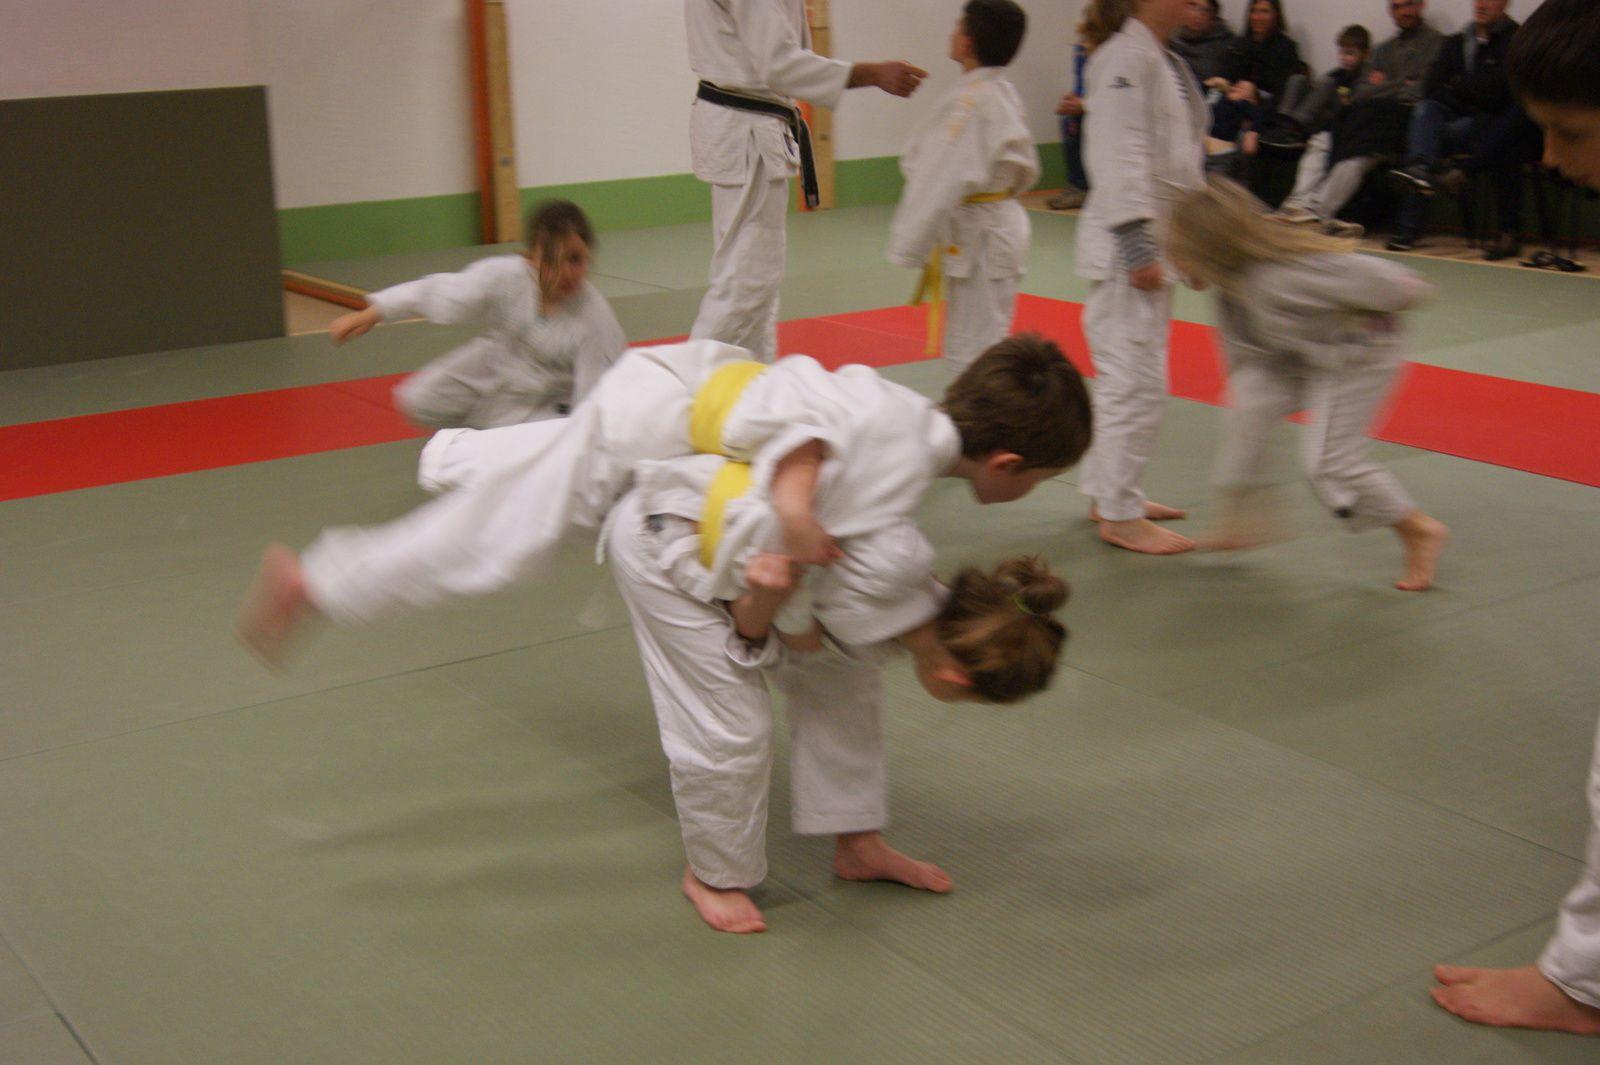 Entrainement et démonstrations sur le dojo, avec les parents et familles en spectateurs attentifs